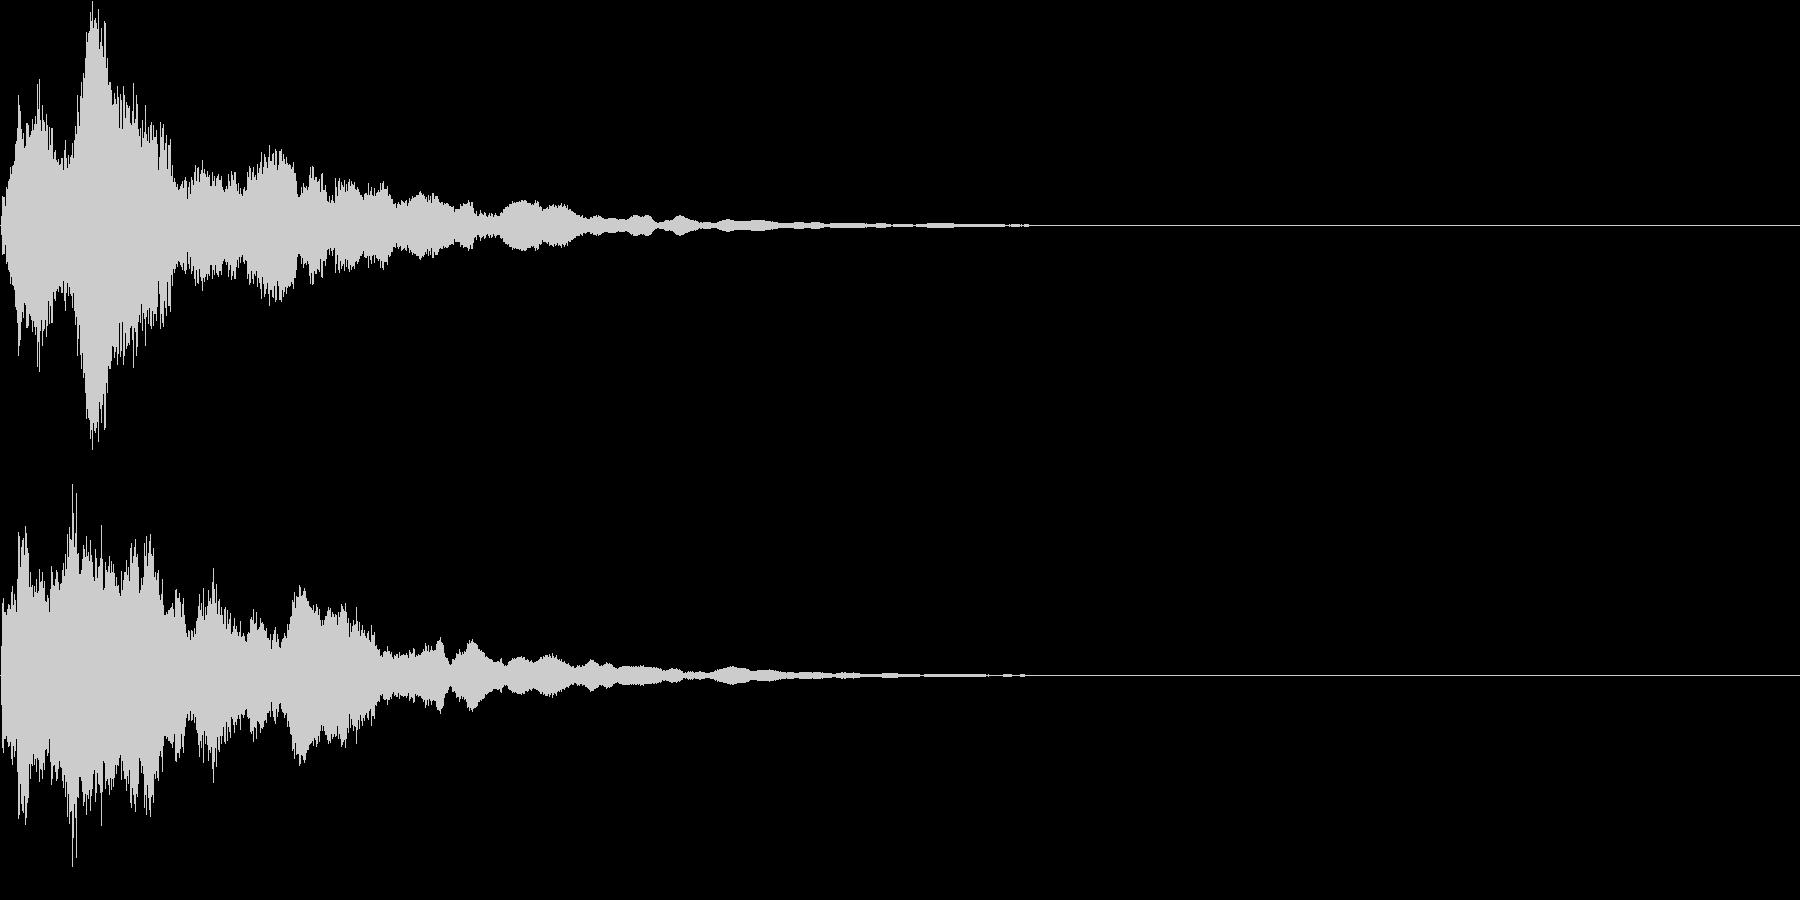 キラフワーン(セーブ・ロード・記録)の未再生の波形